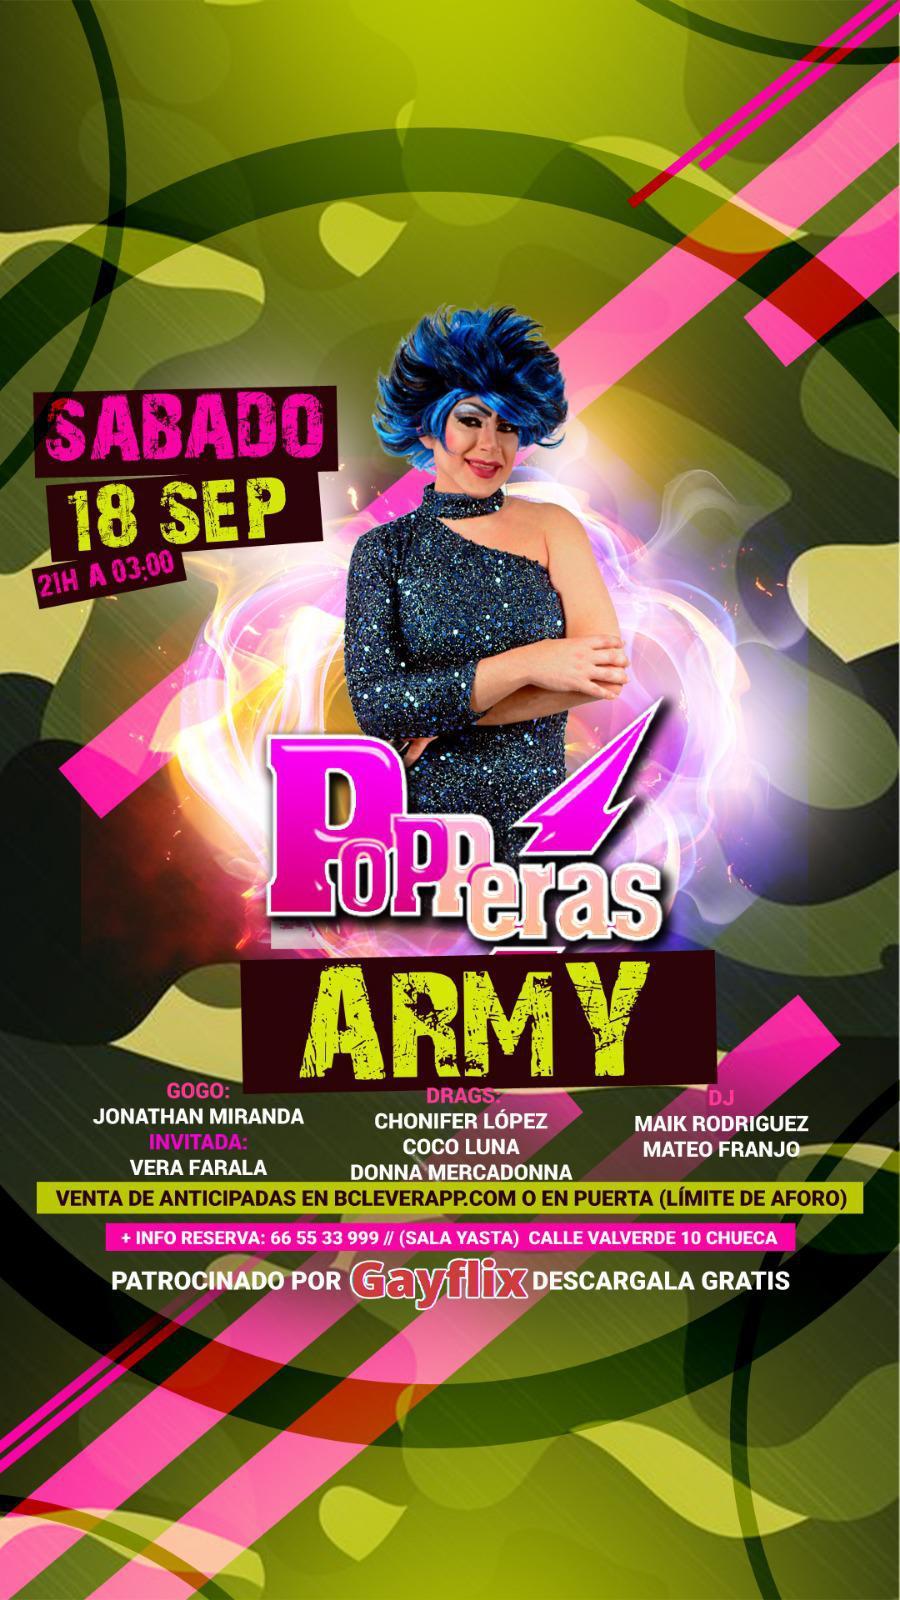 Popperas ARMY